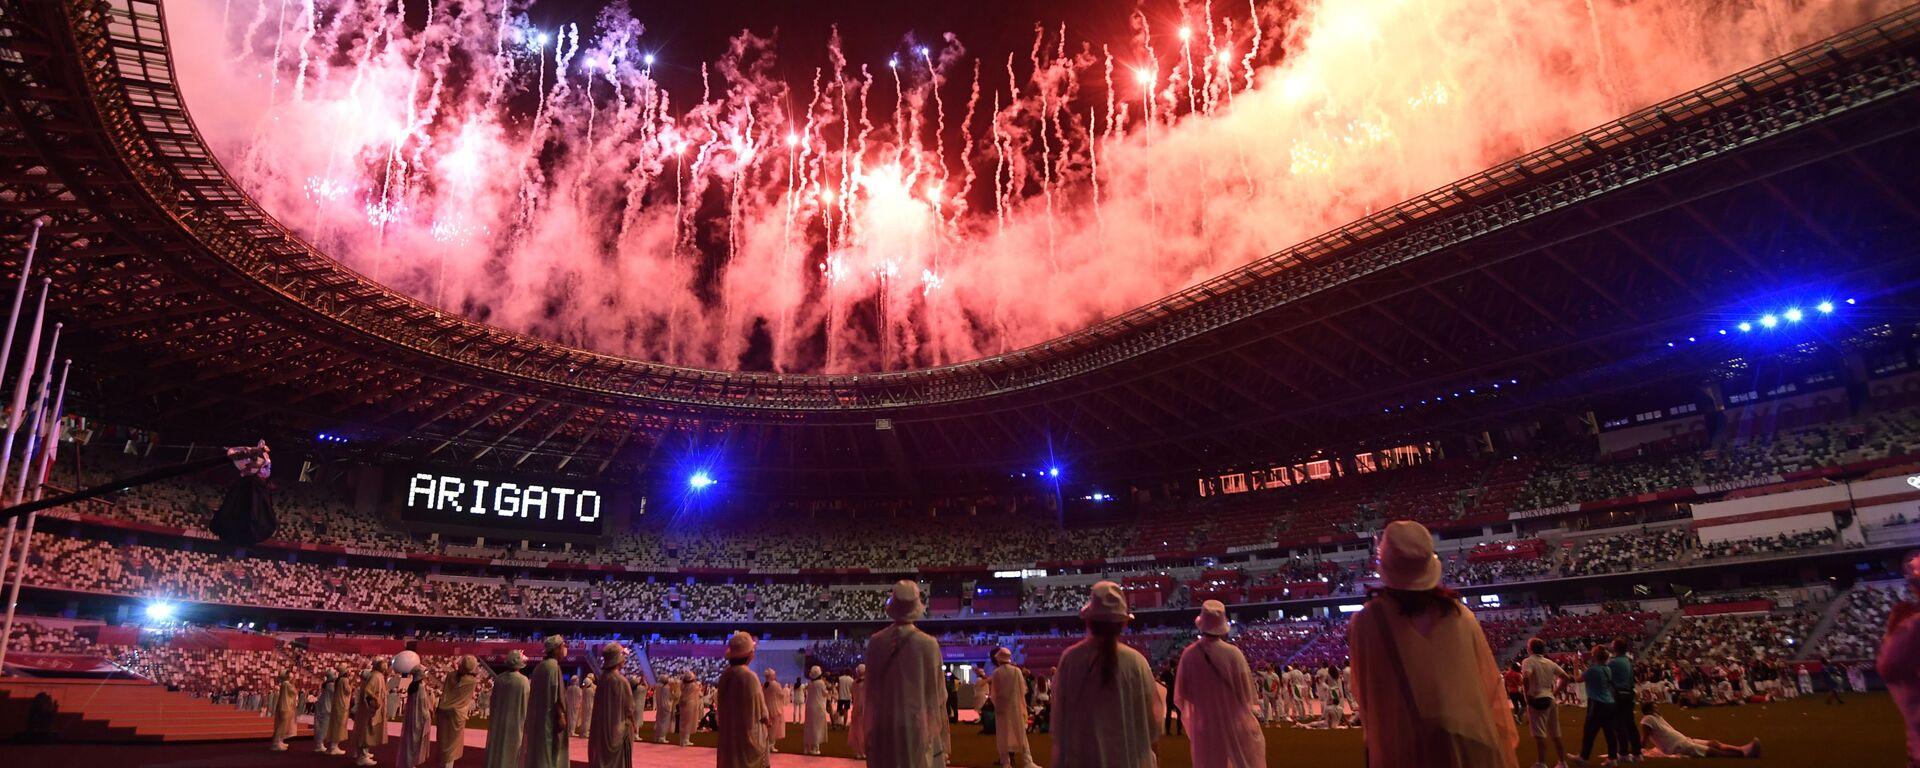 Салют на торжественной церемонии закрытия XXXII летних Олимпийских игр в Токио на Национальном олимпийском стадионе  - Sputnik Polska, 1920, 08.08.2021